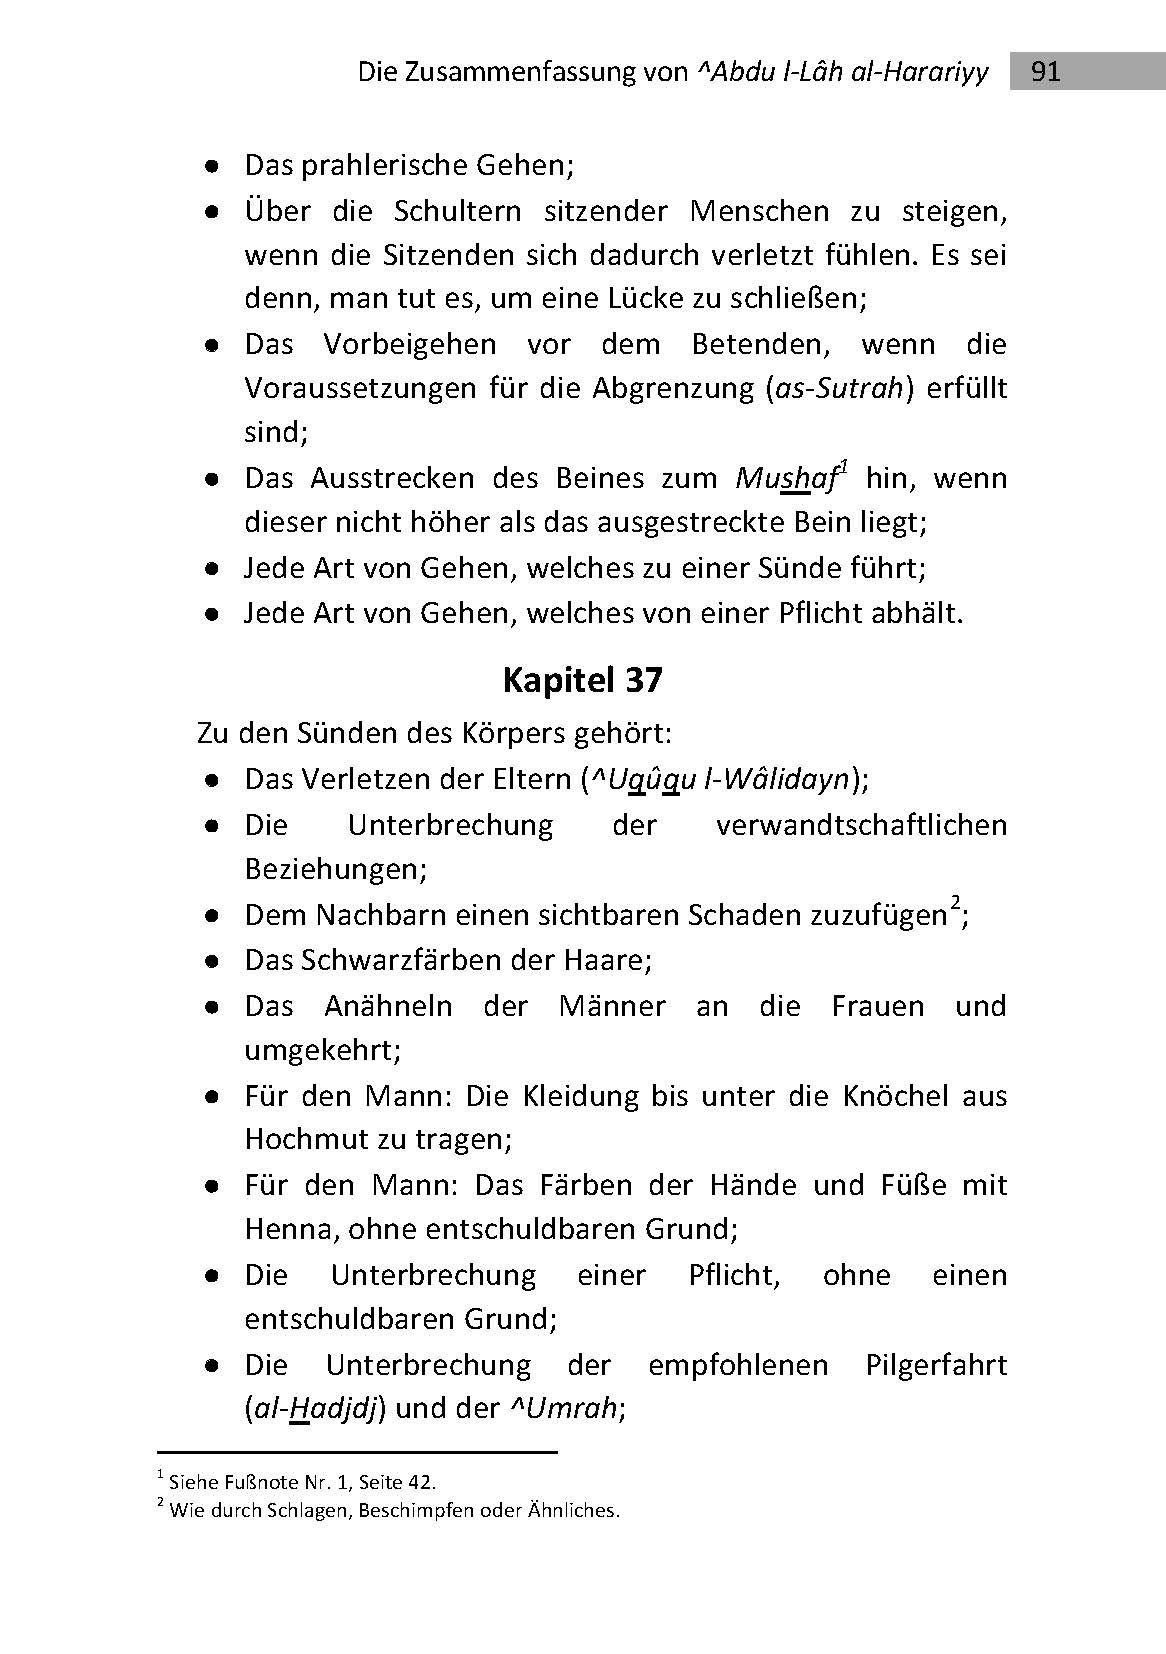 Die Zusammenfassung - 3. Auflage 2014_Seite_91